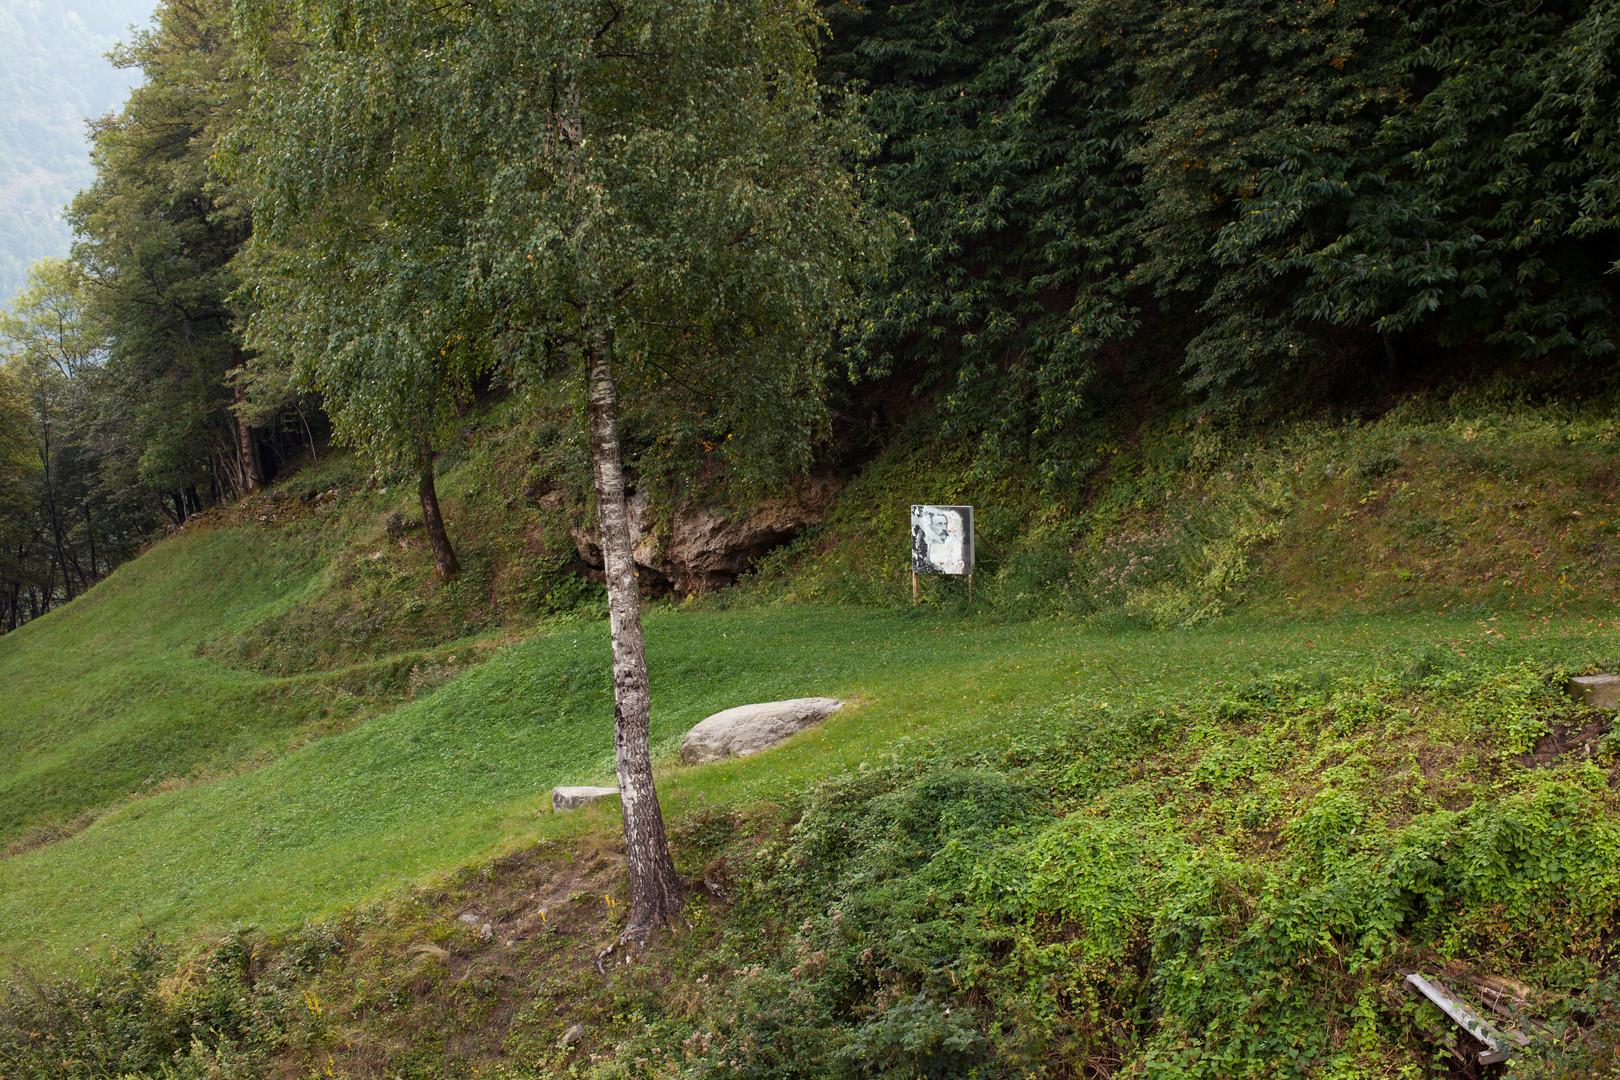 Corzoneso/Casserio: installation view (Sentiero Donetta)